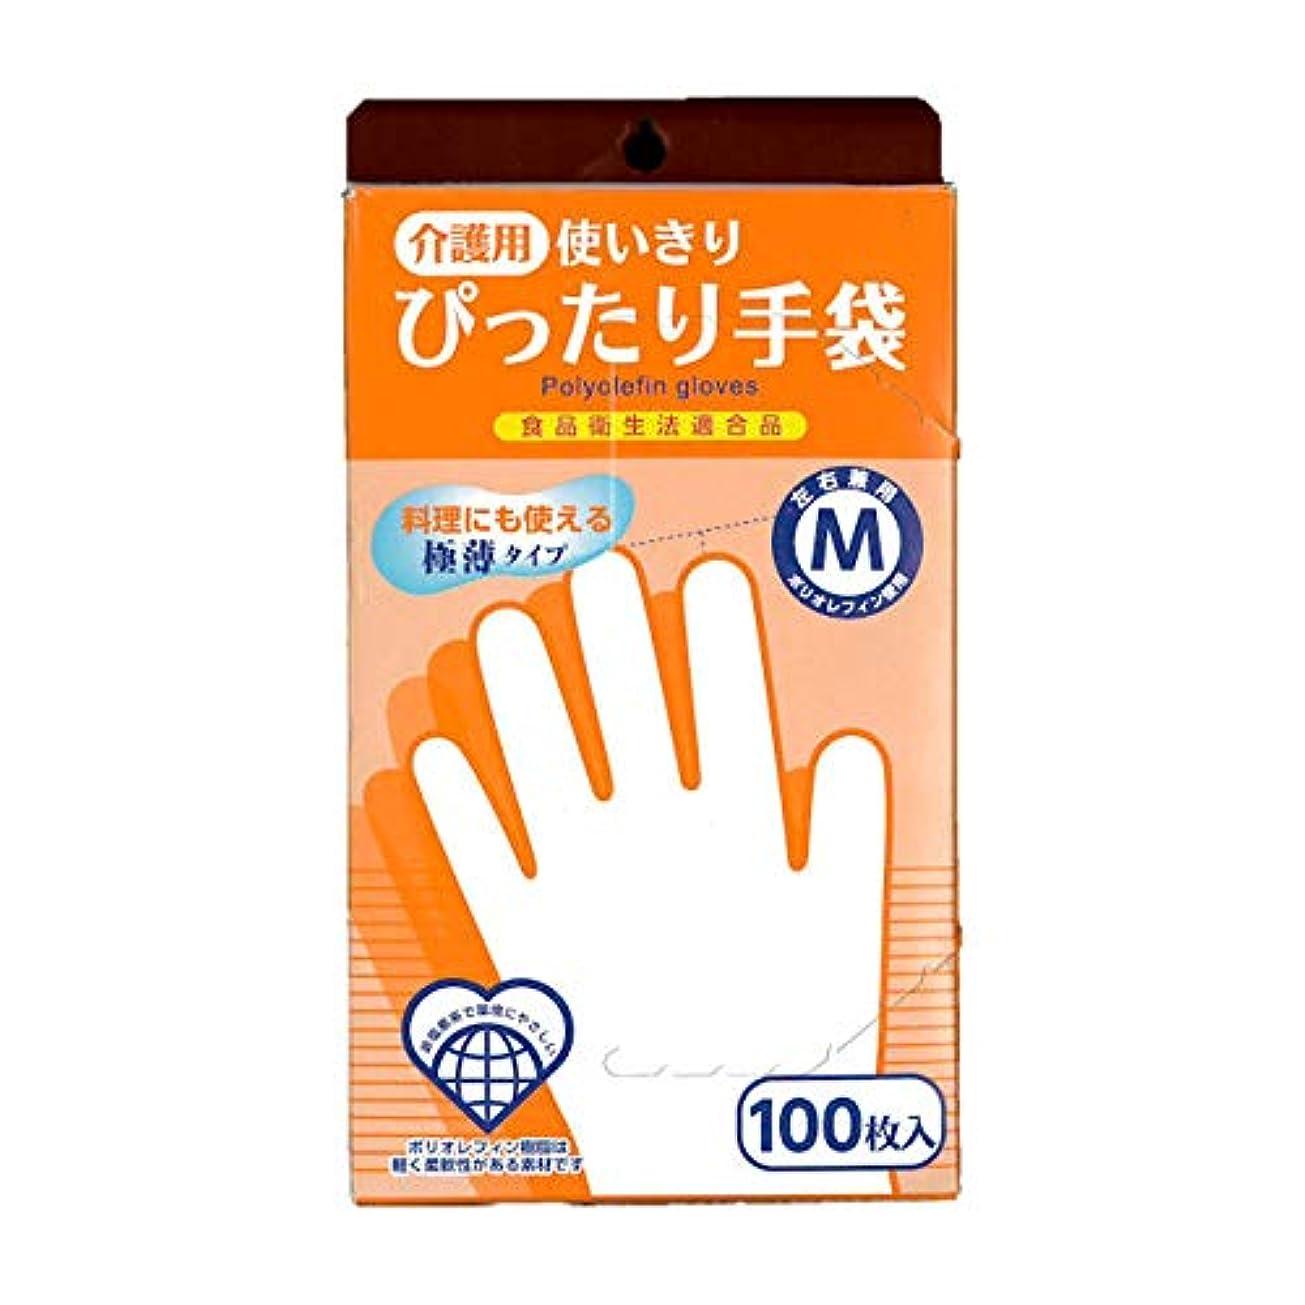 汚物レギュラー汚物奥田薬品 介護用 使いきりぴったり手袋 Mサイズ 100枚